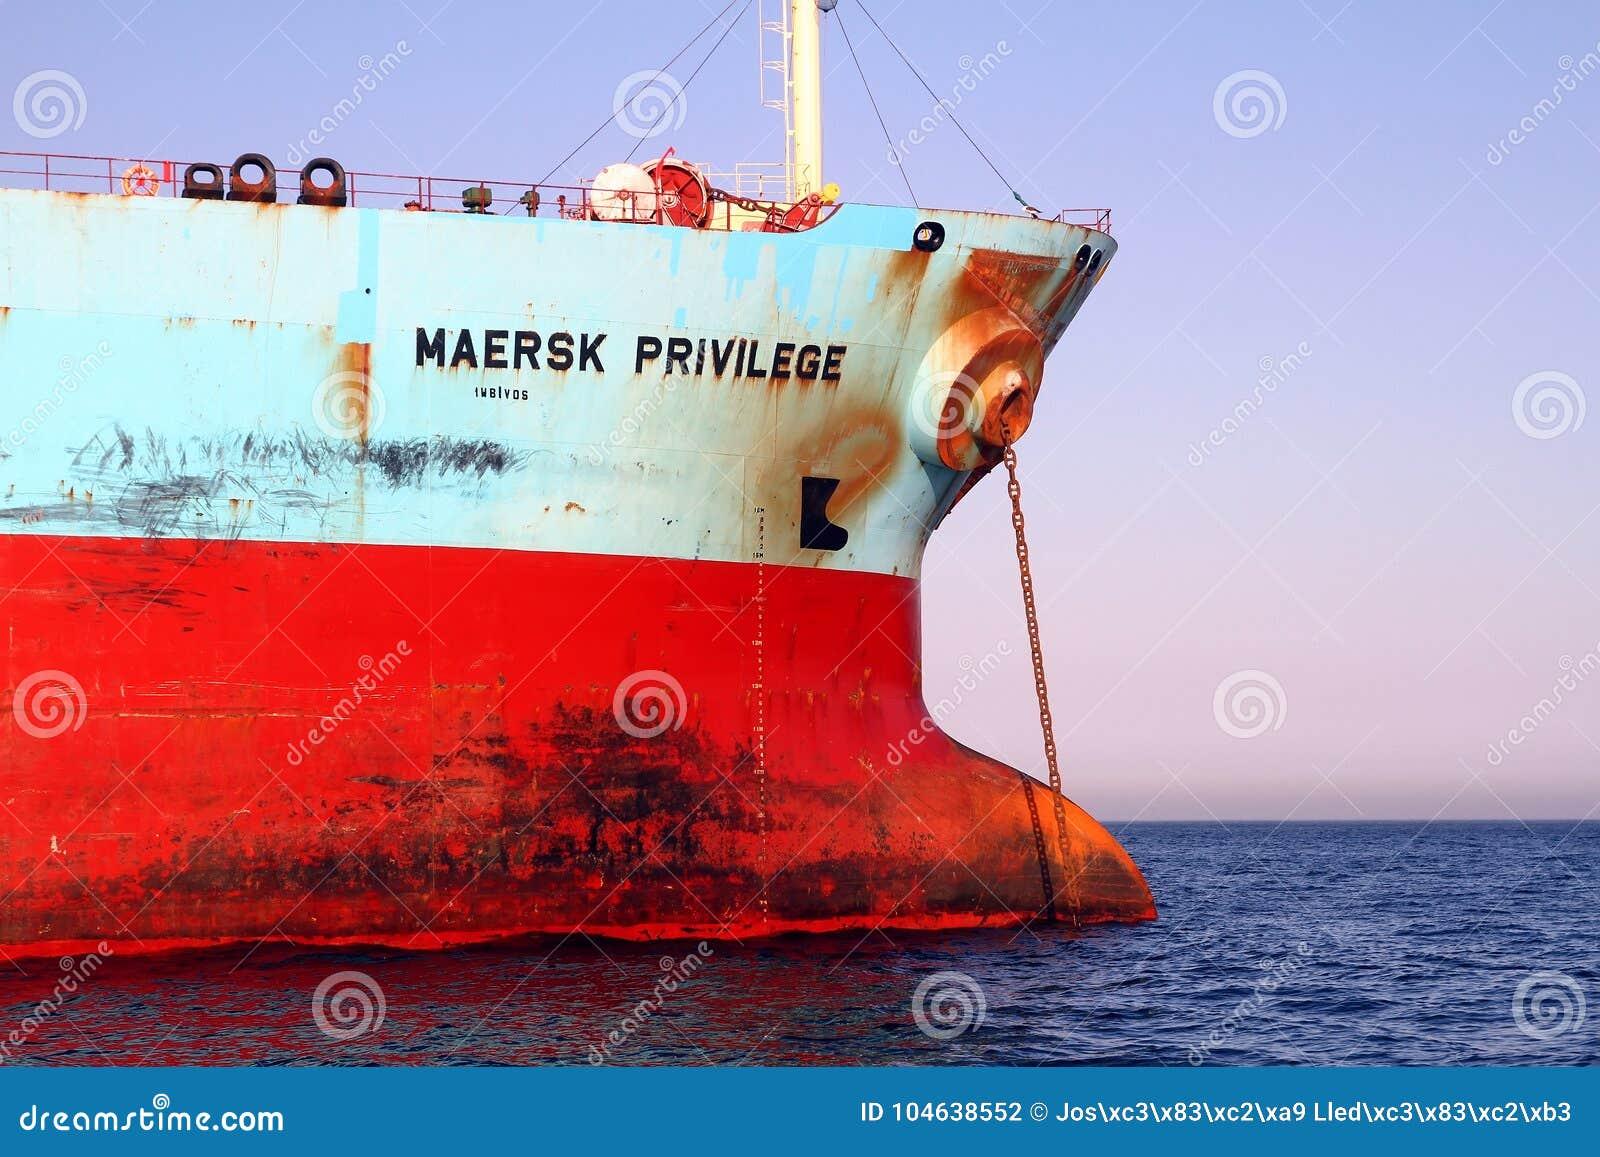 Download De Boogmening Van Het Voorrecht Van Maersk Van Het Bulk-carrierschip Verankerde In Algeciras Baai In Spanje Redactionele Fotografie - Afbeelding bestaande uit ankerplaats, voorrecht: 104638552